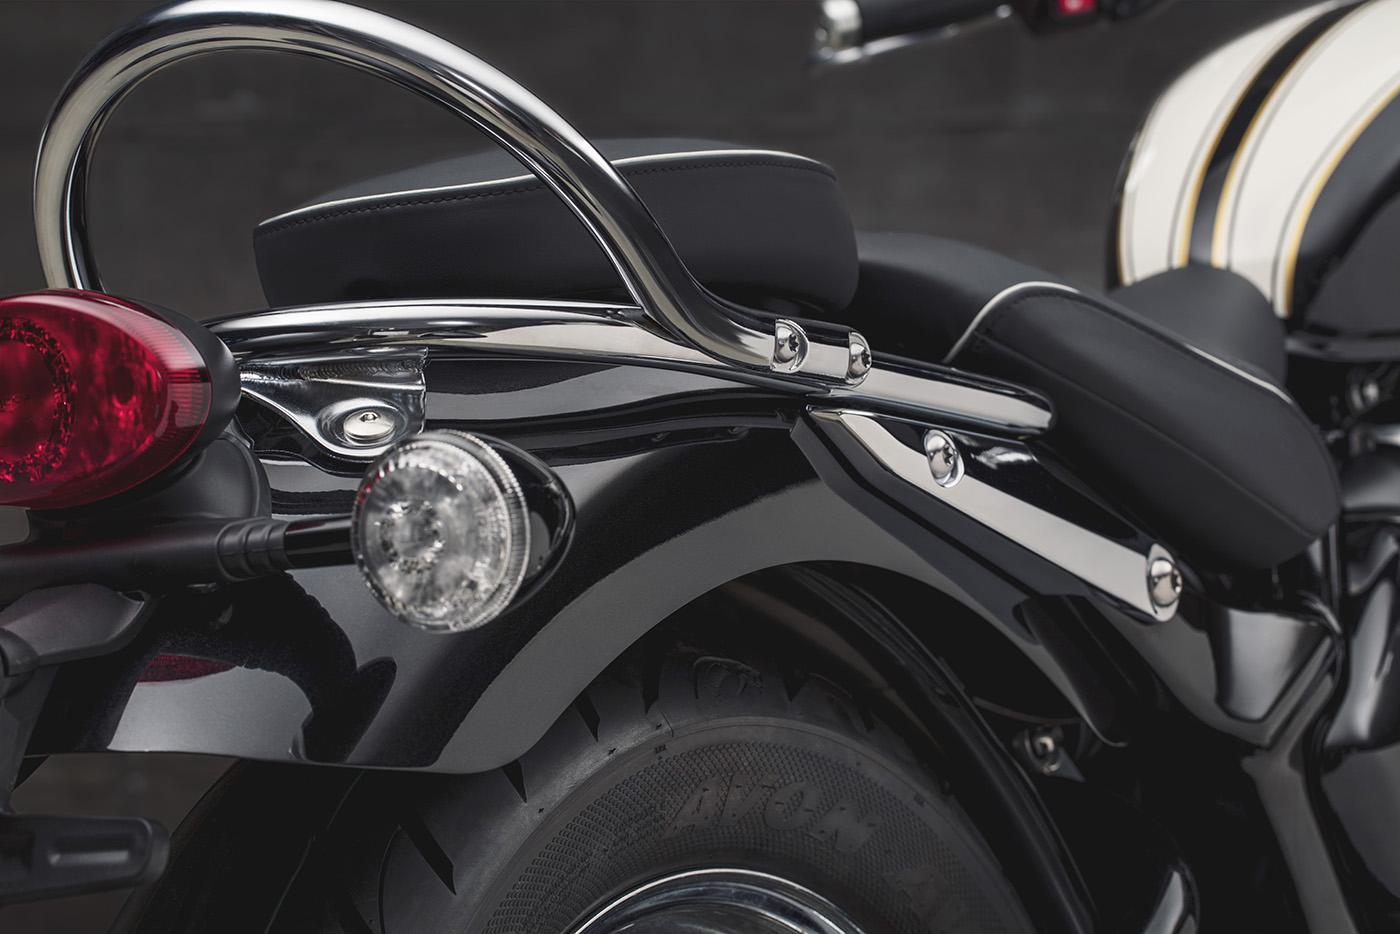 triumph-bonneville-speedmaster-2018-16.jpg